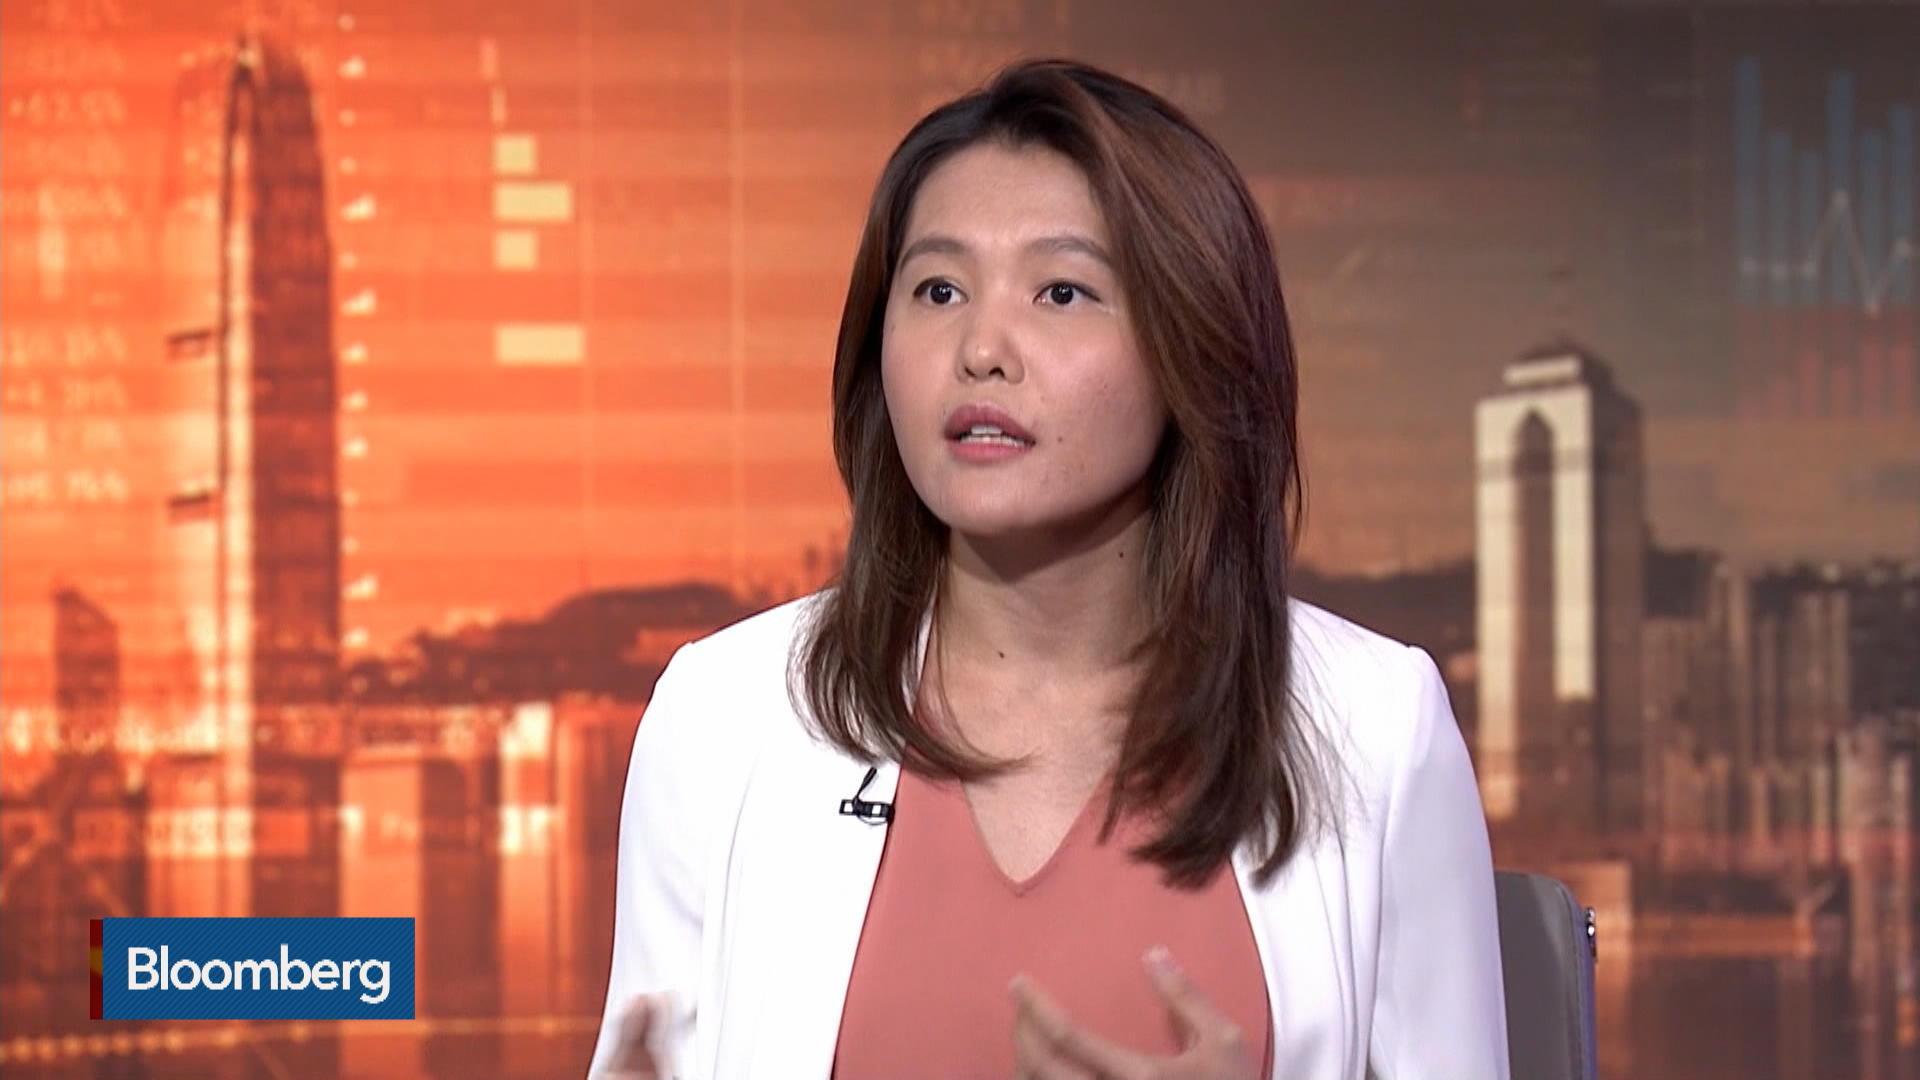 HSBC Greater China Economist Julia Wang on China's Economic Development